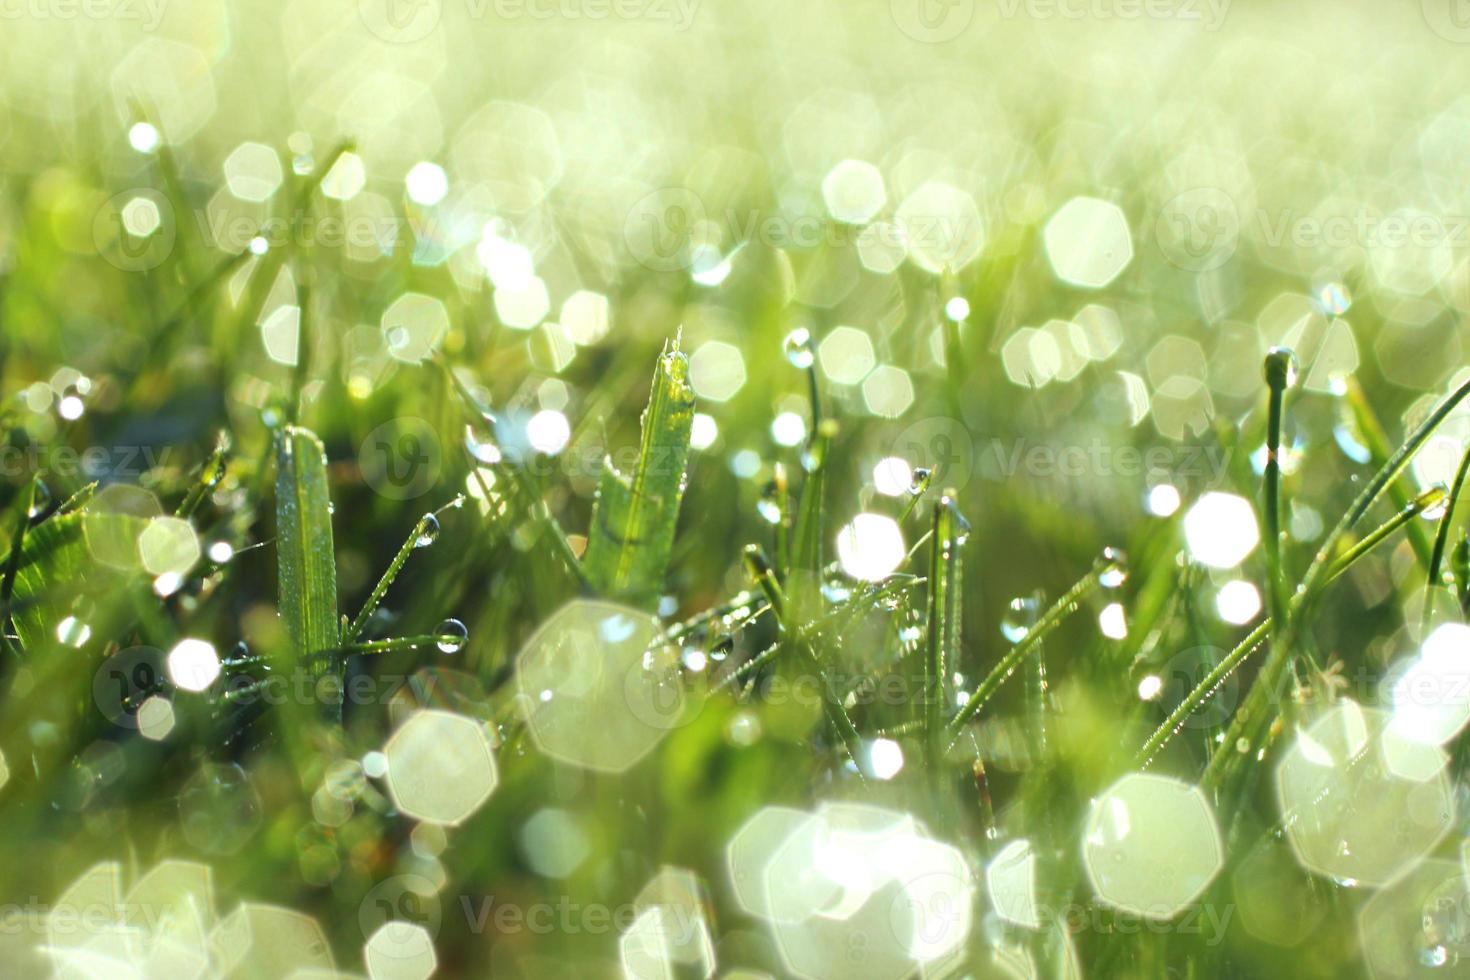 glinsterende ochtenddauw op gras foto